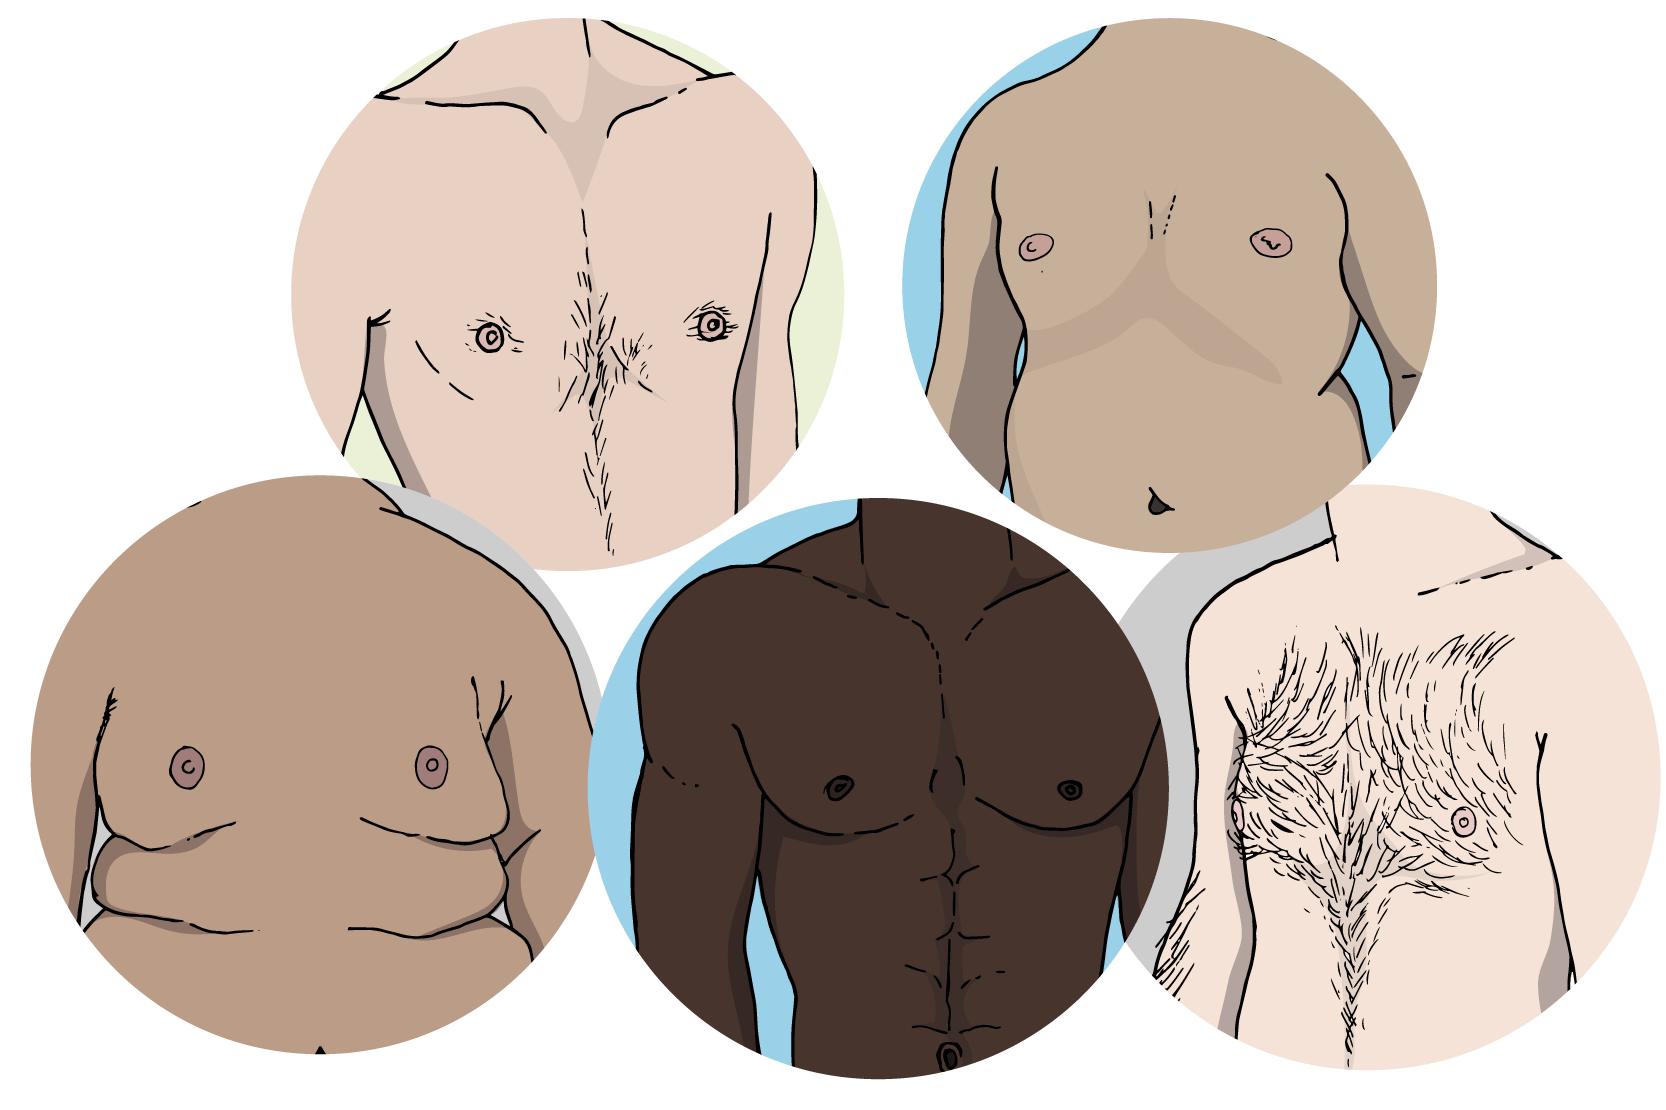 svullen under bröstet